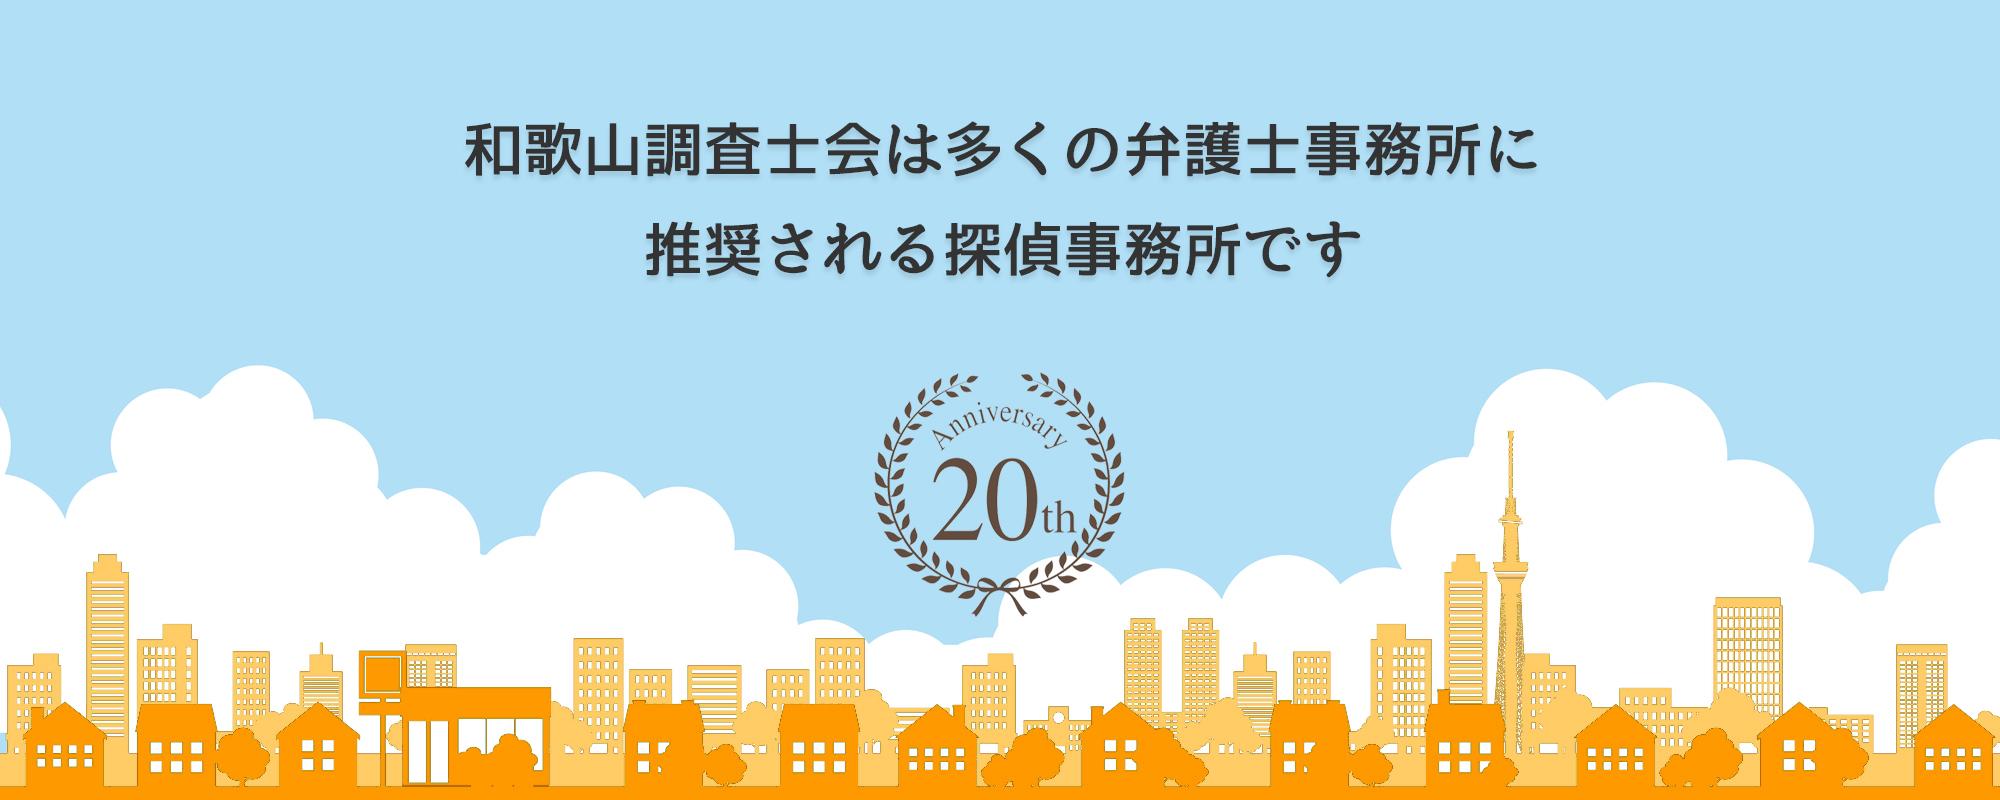 和歌山相談室は多くの弁護士事務所に推奨されています。